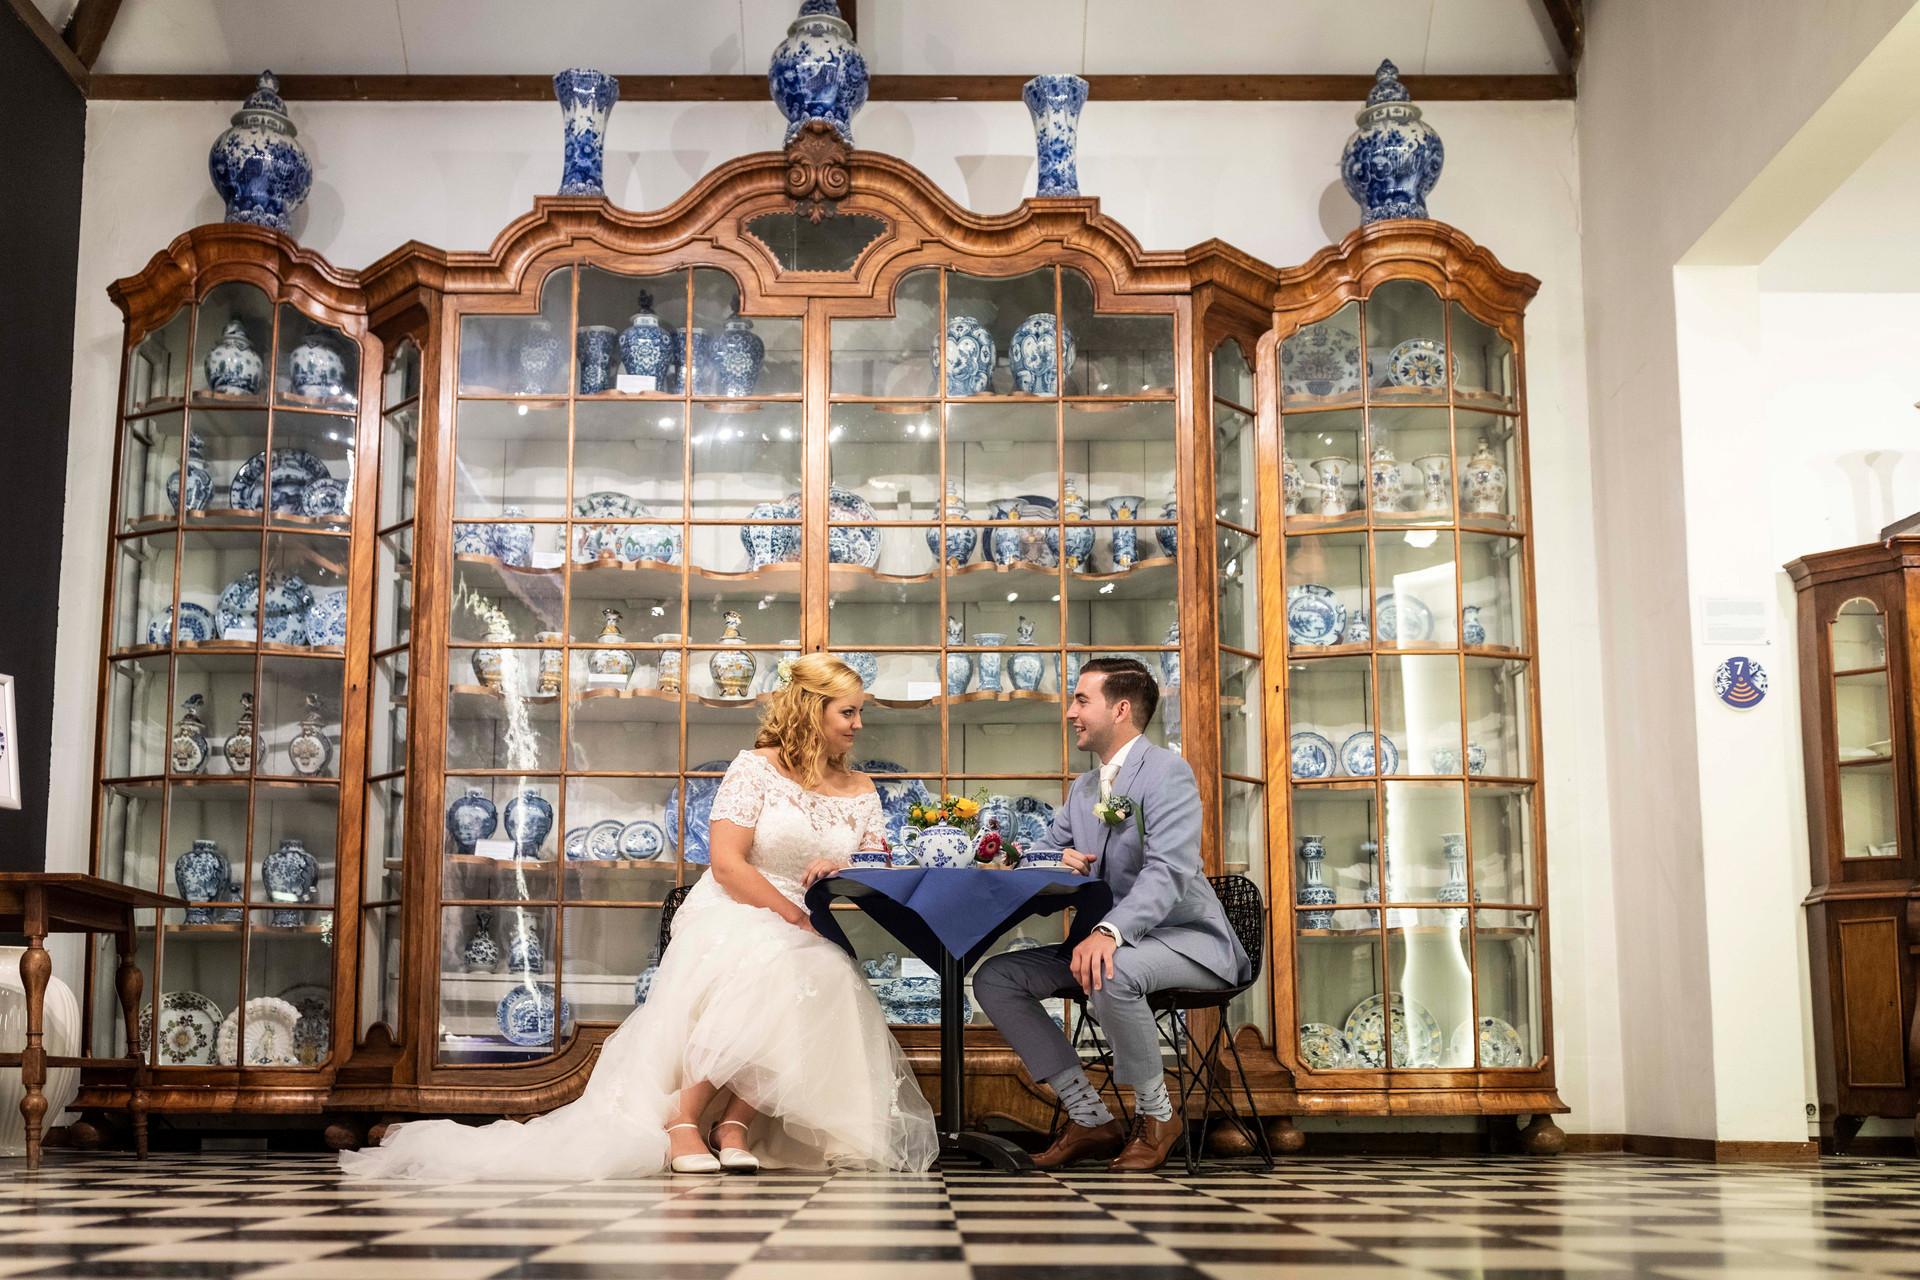 Trouwfoto van het bruidspaar in De Porceleyne Fles in Delft